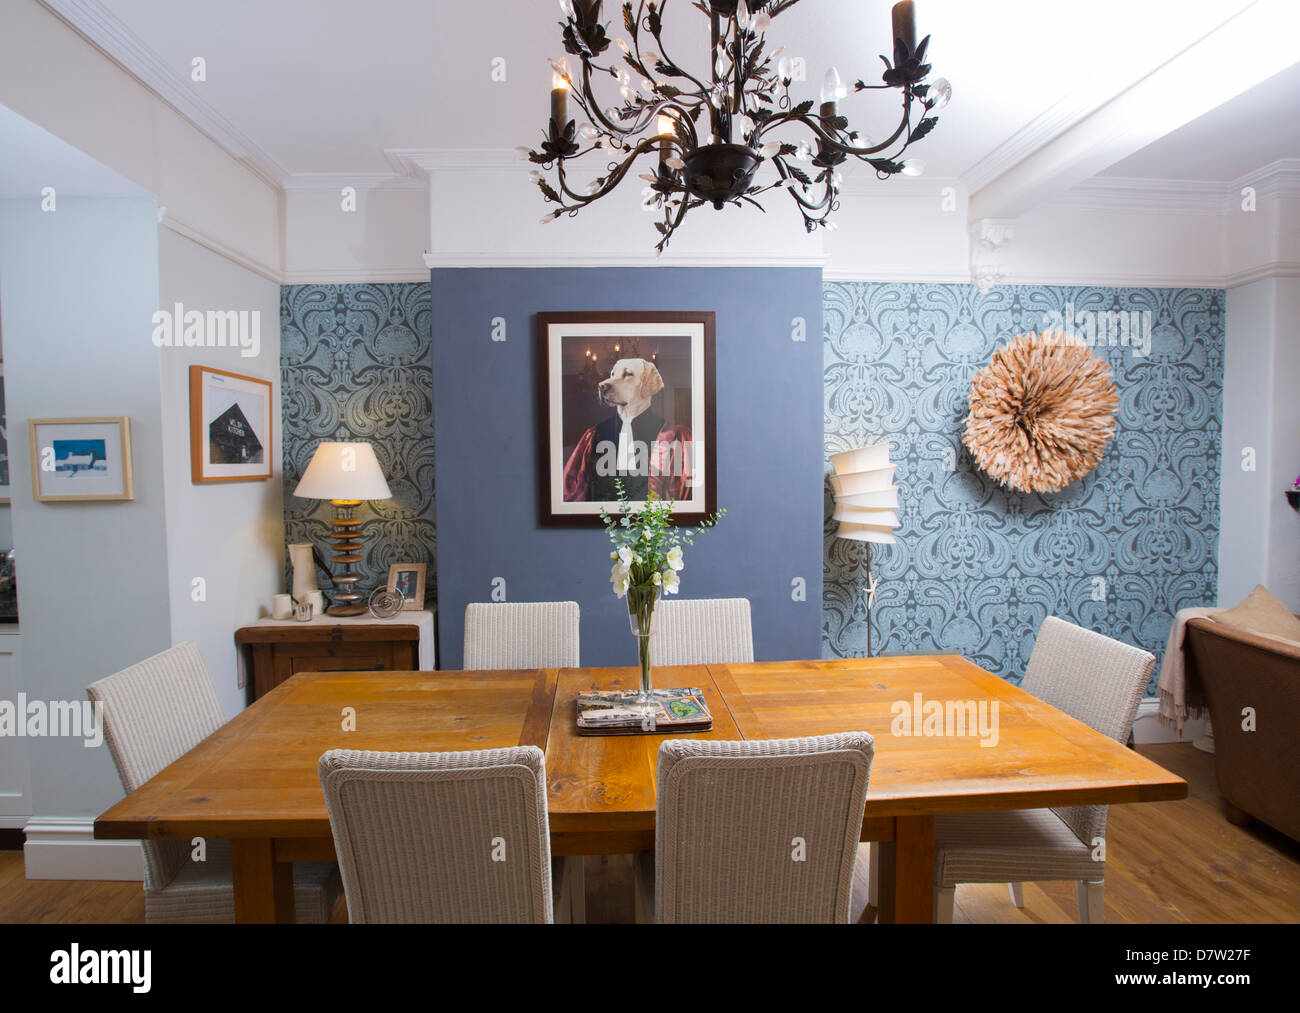 Una Sala Da Pranzo Con Grande Tavolo In Legno E Abbellita Da Lampadari Appesi Al Soffitto Foto Stock Alamy